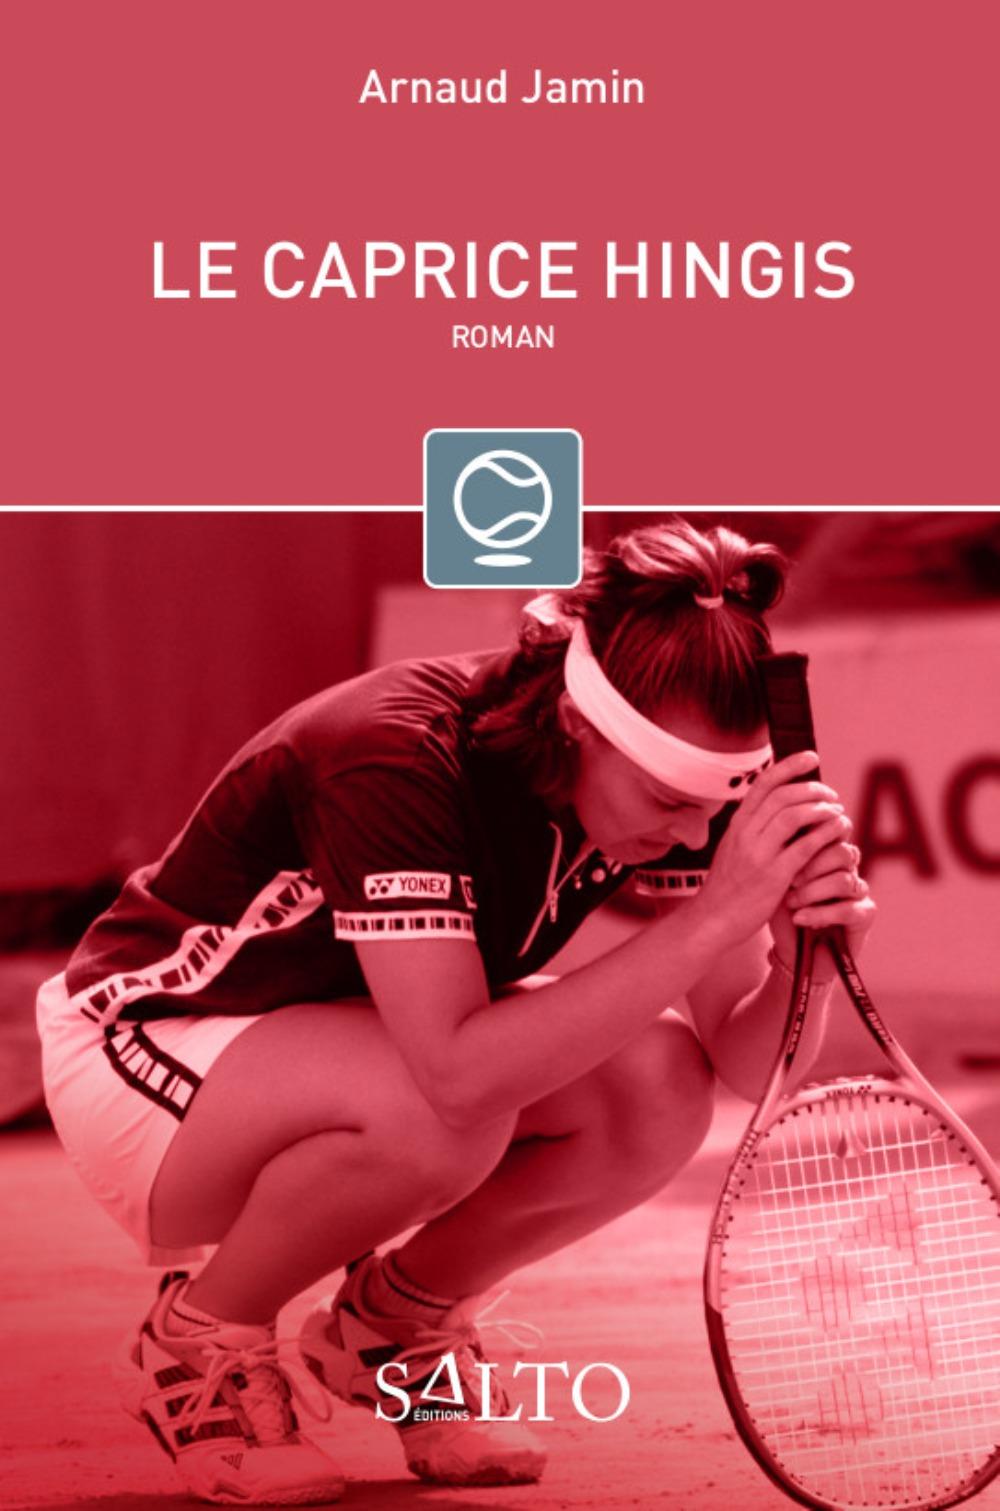 LE CAPRICE HINGIS